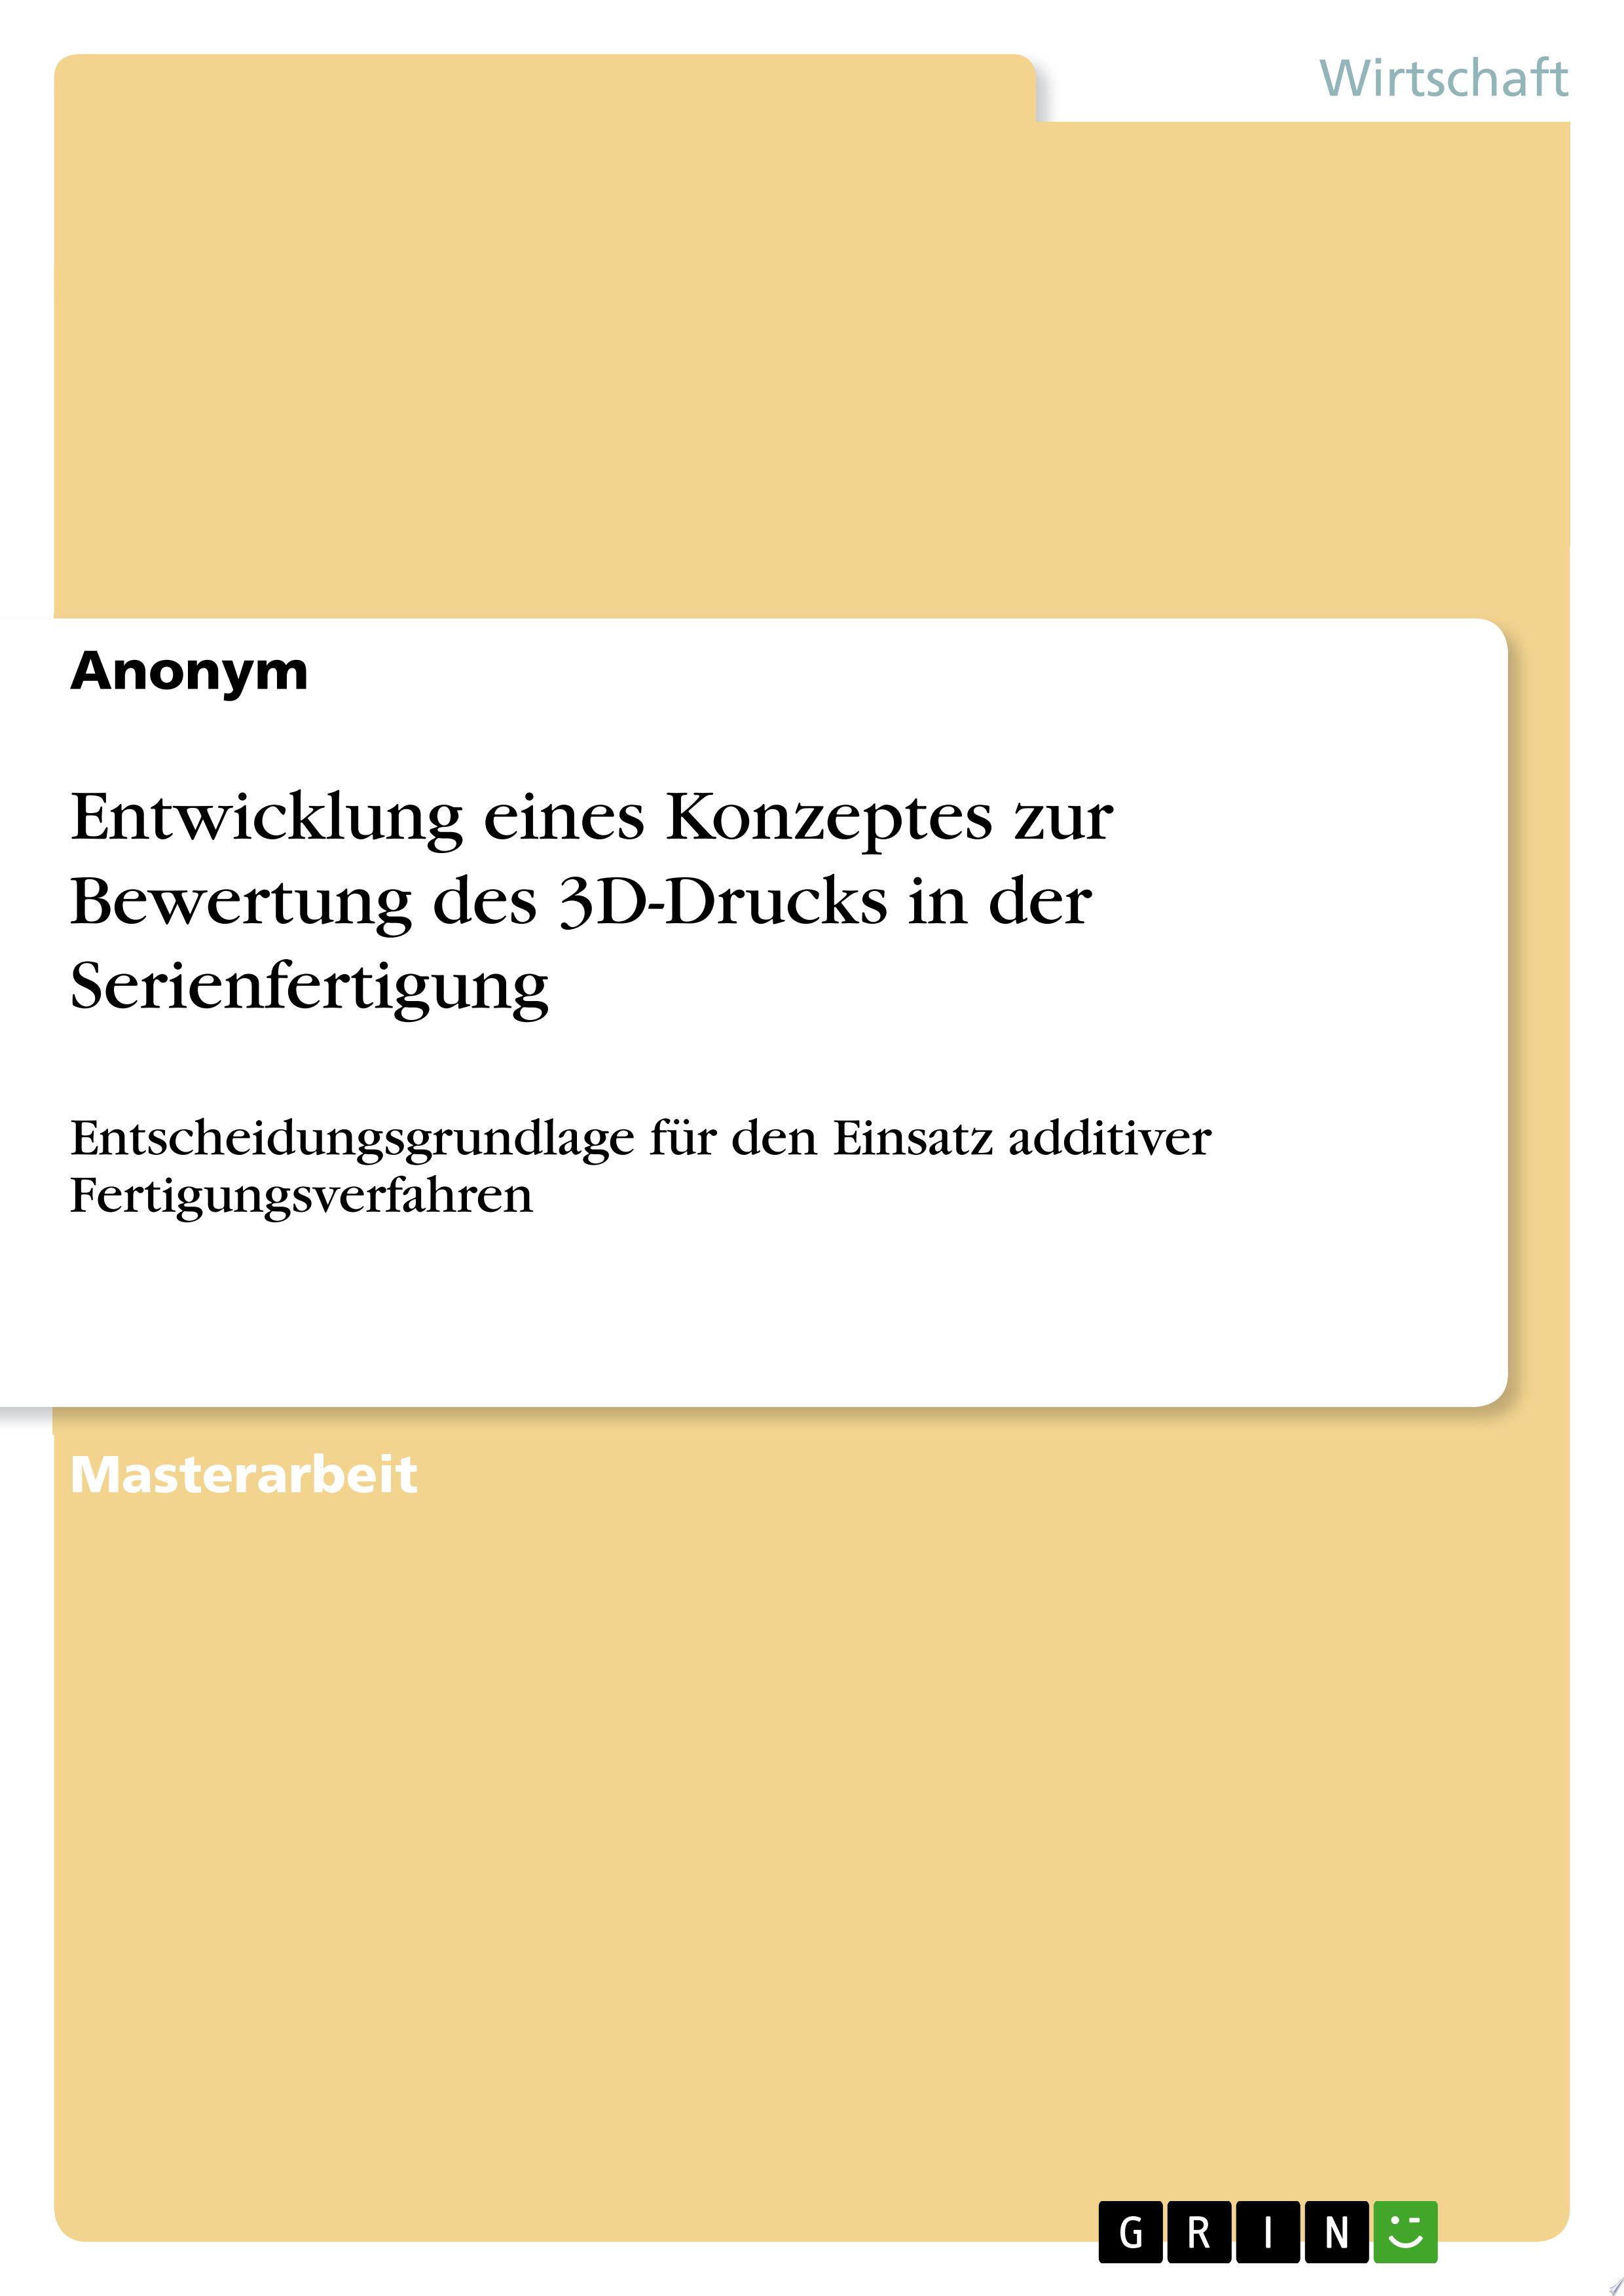 Entwicklung eines Konzeptes zur Bewertung des 3D Drucks in der Serienfertigung